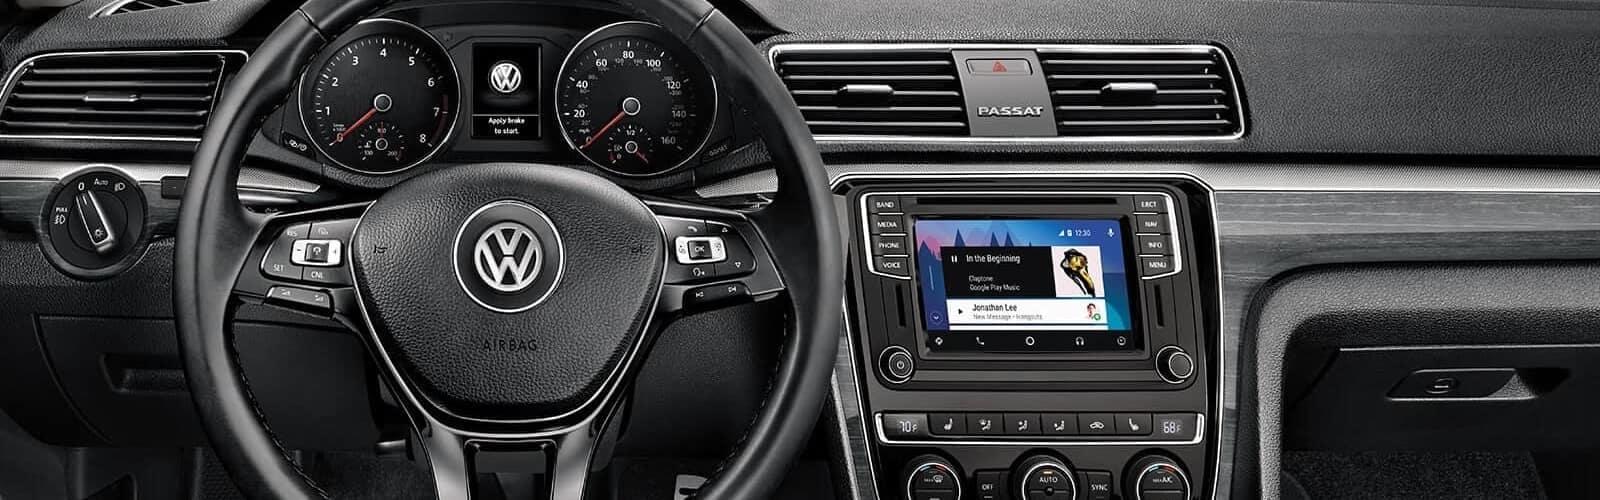 2018 Volkswagen Passat Features 01